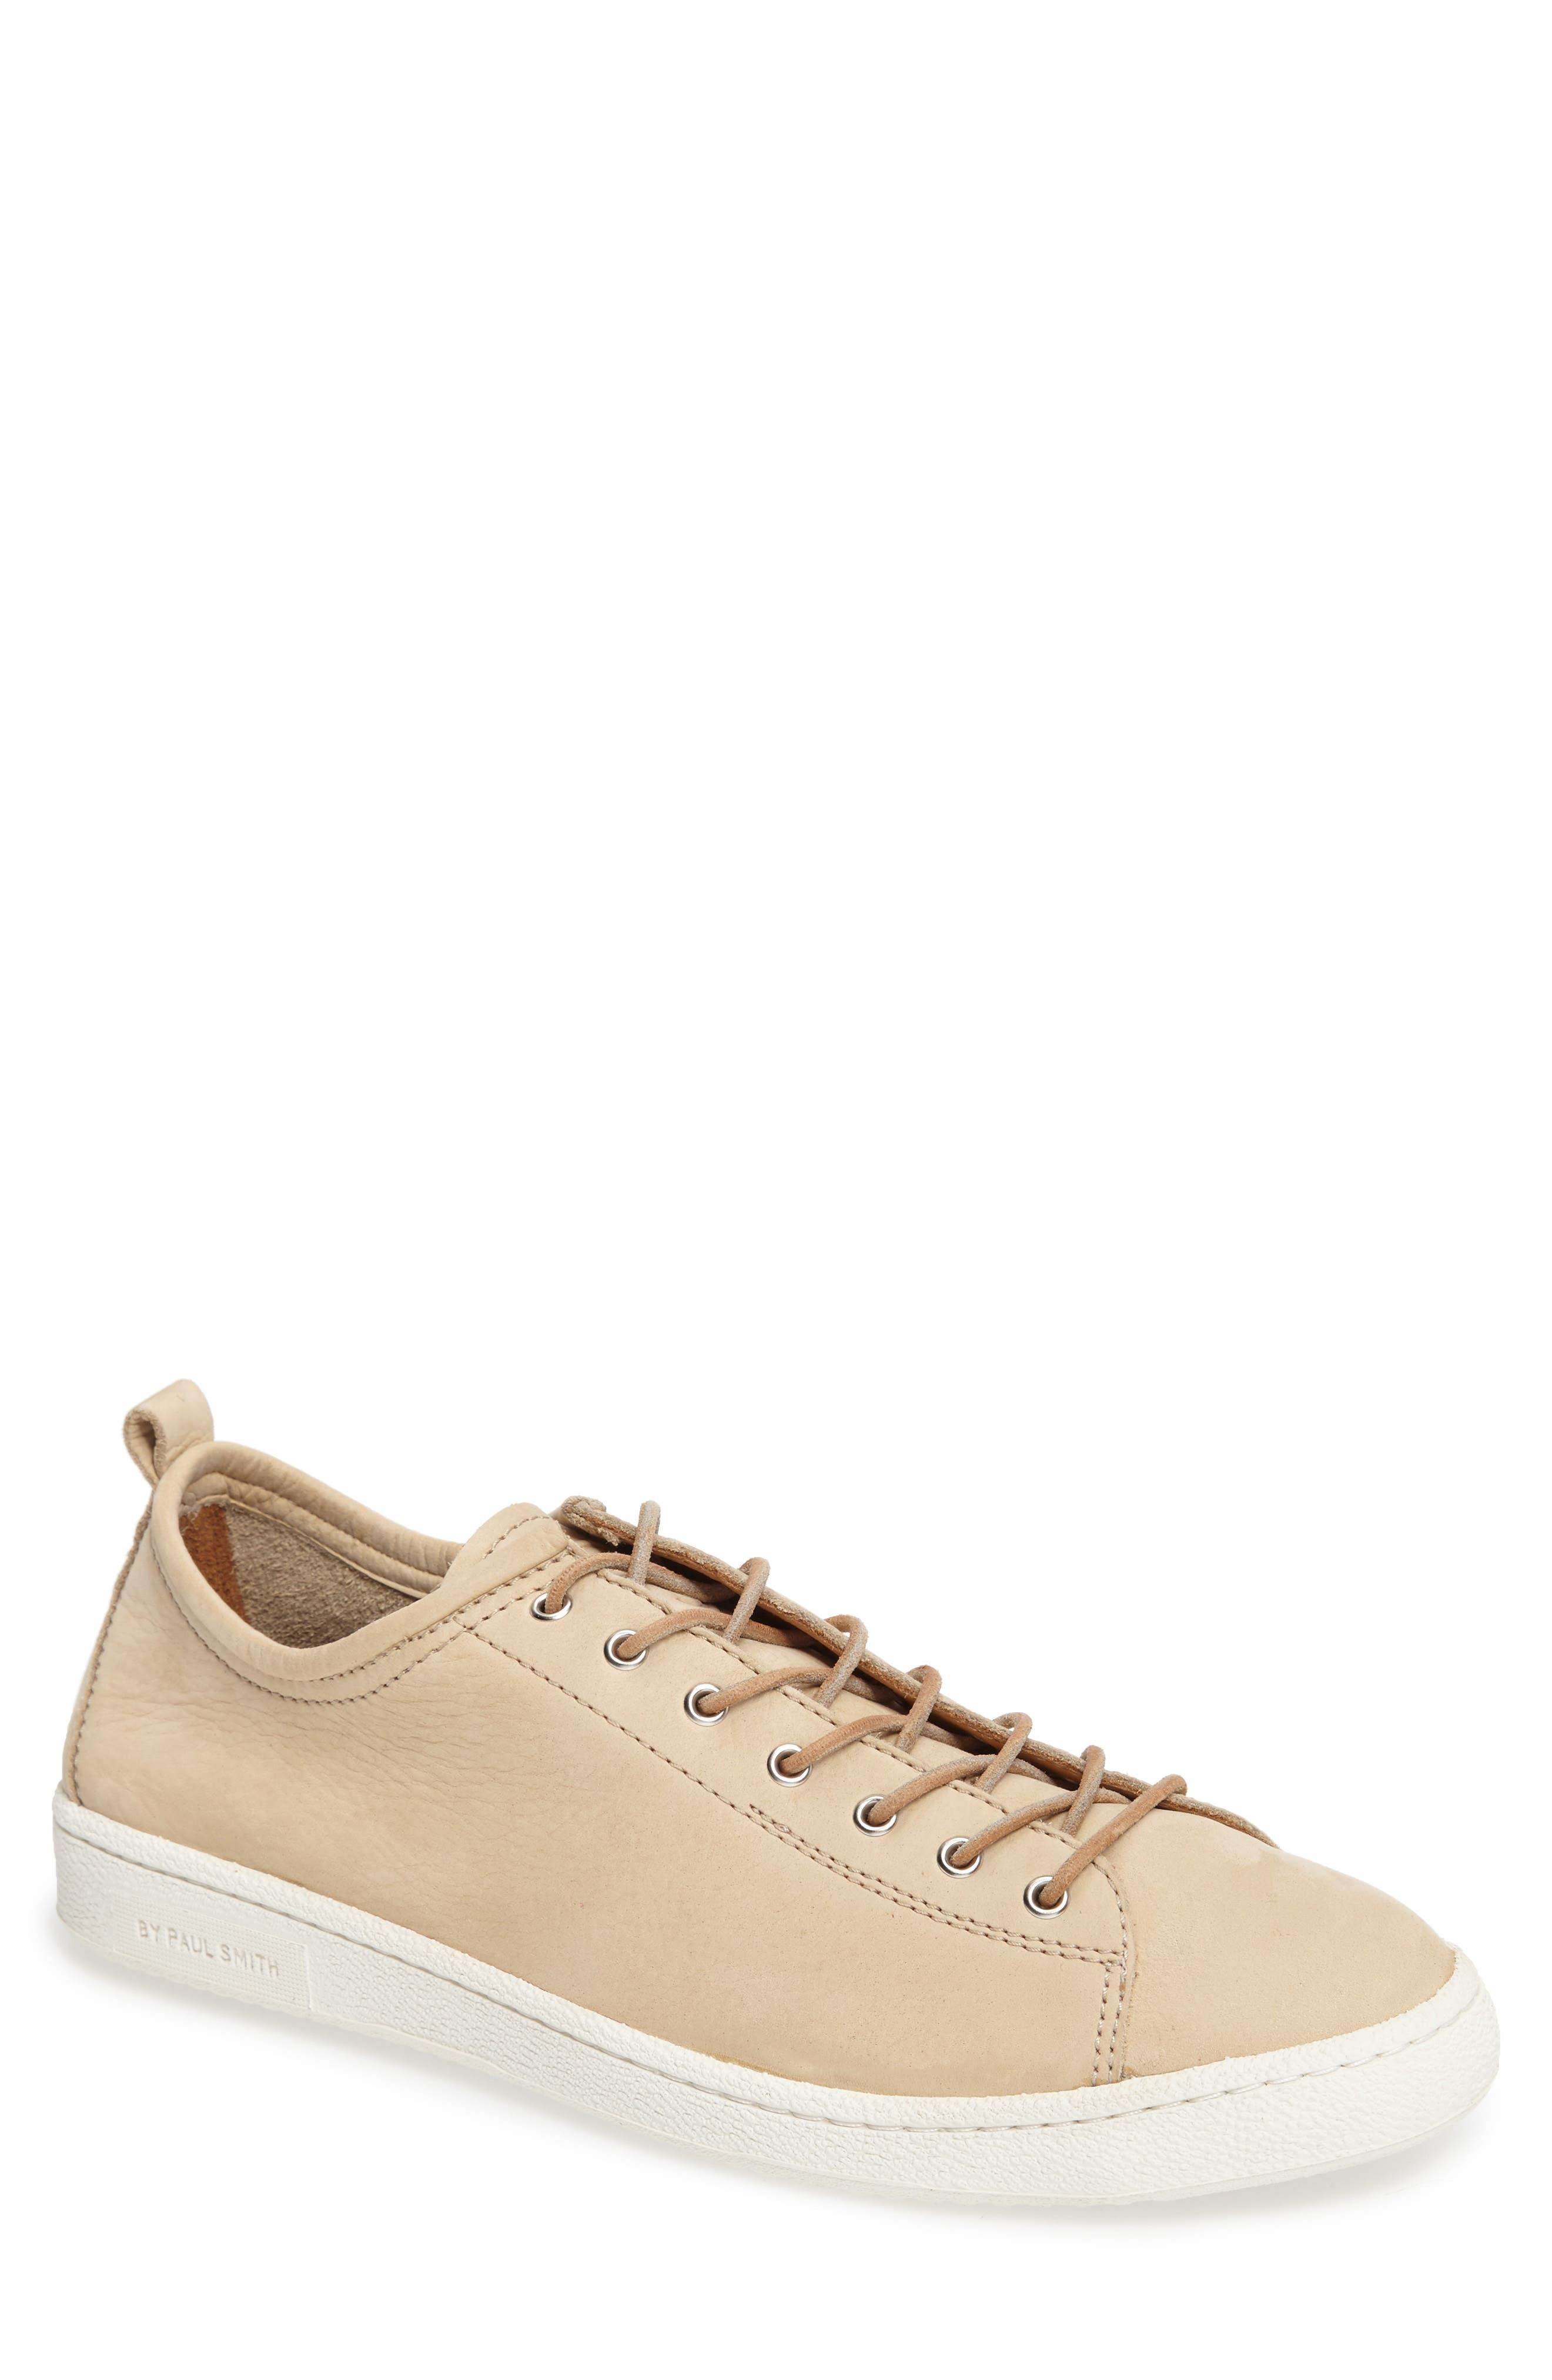 PAUL SMITH Miyata Lace-Up Sneaker